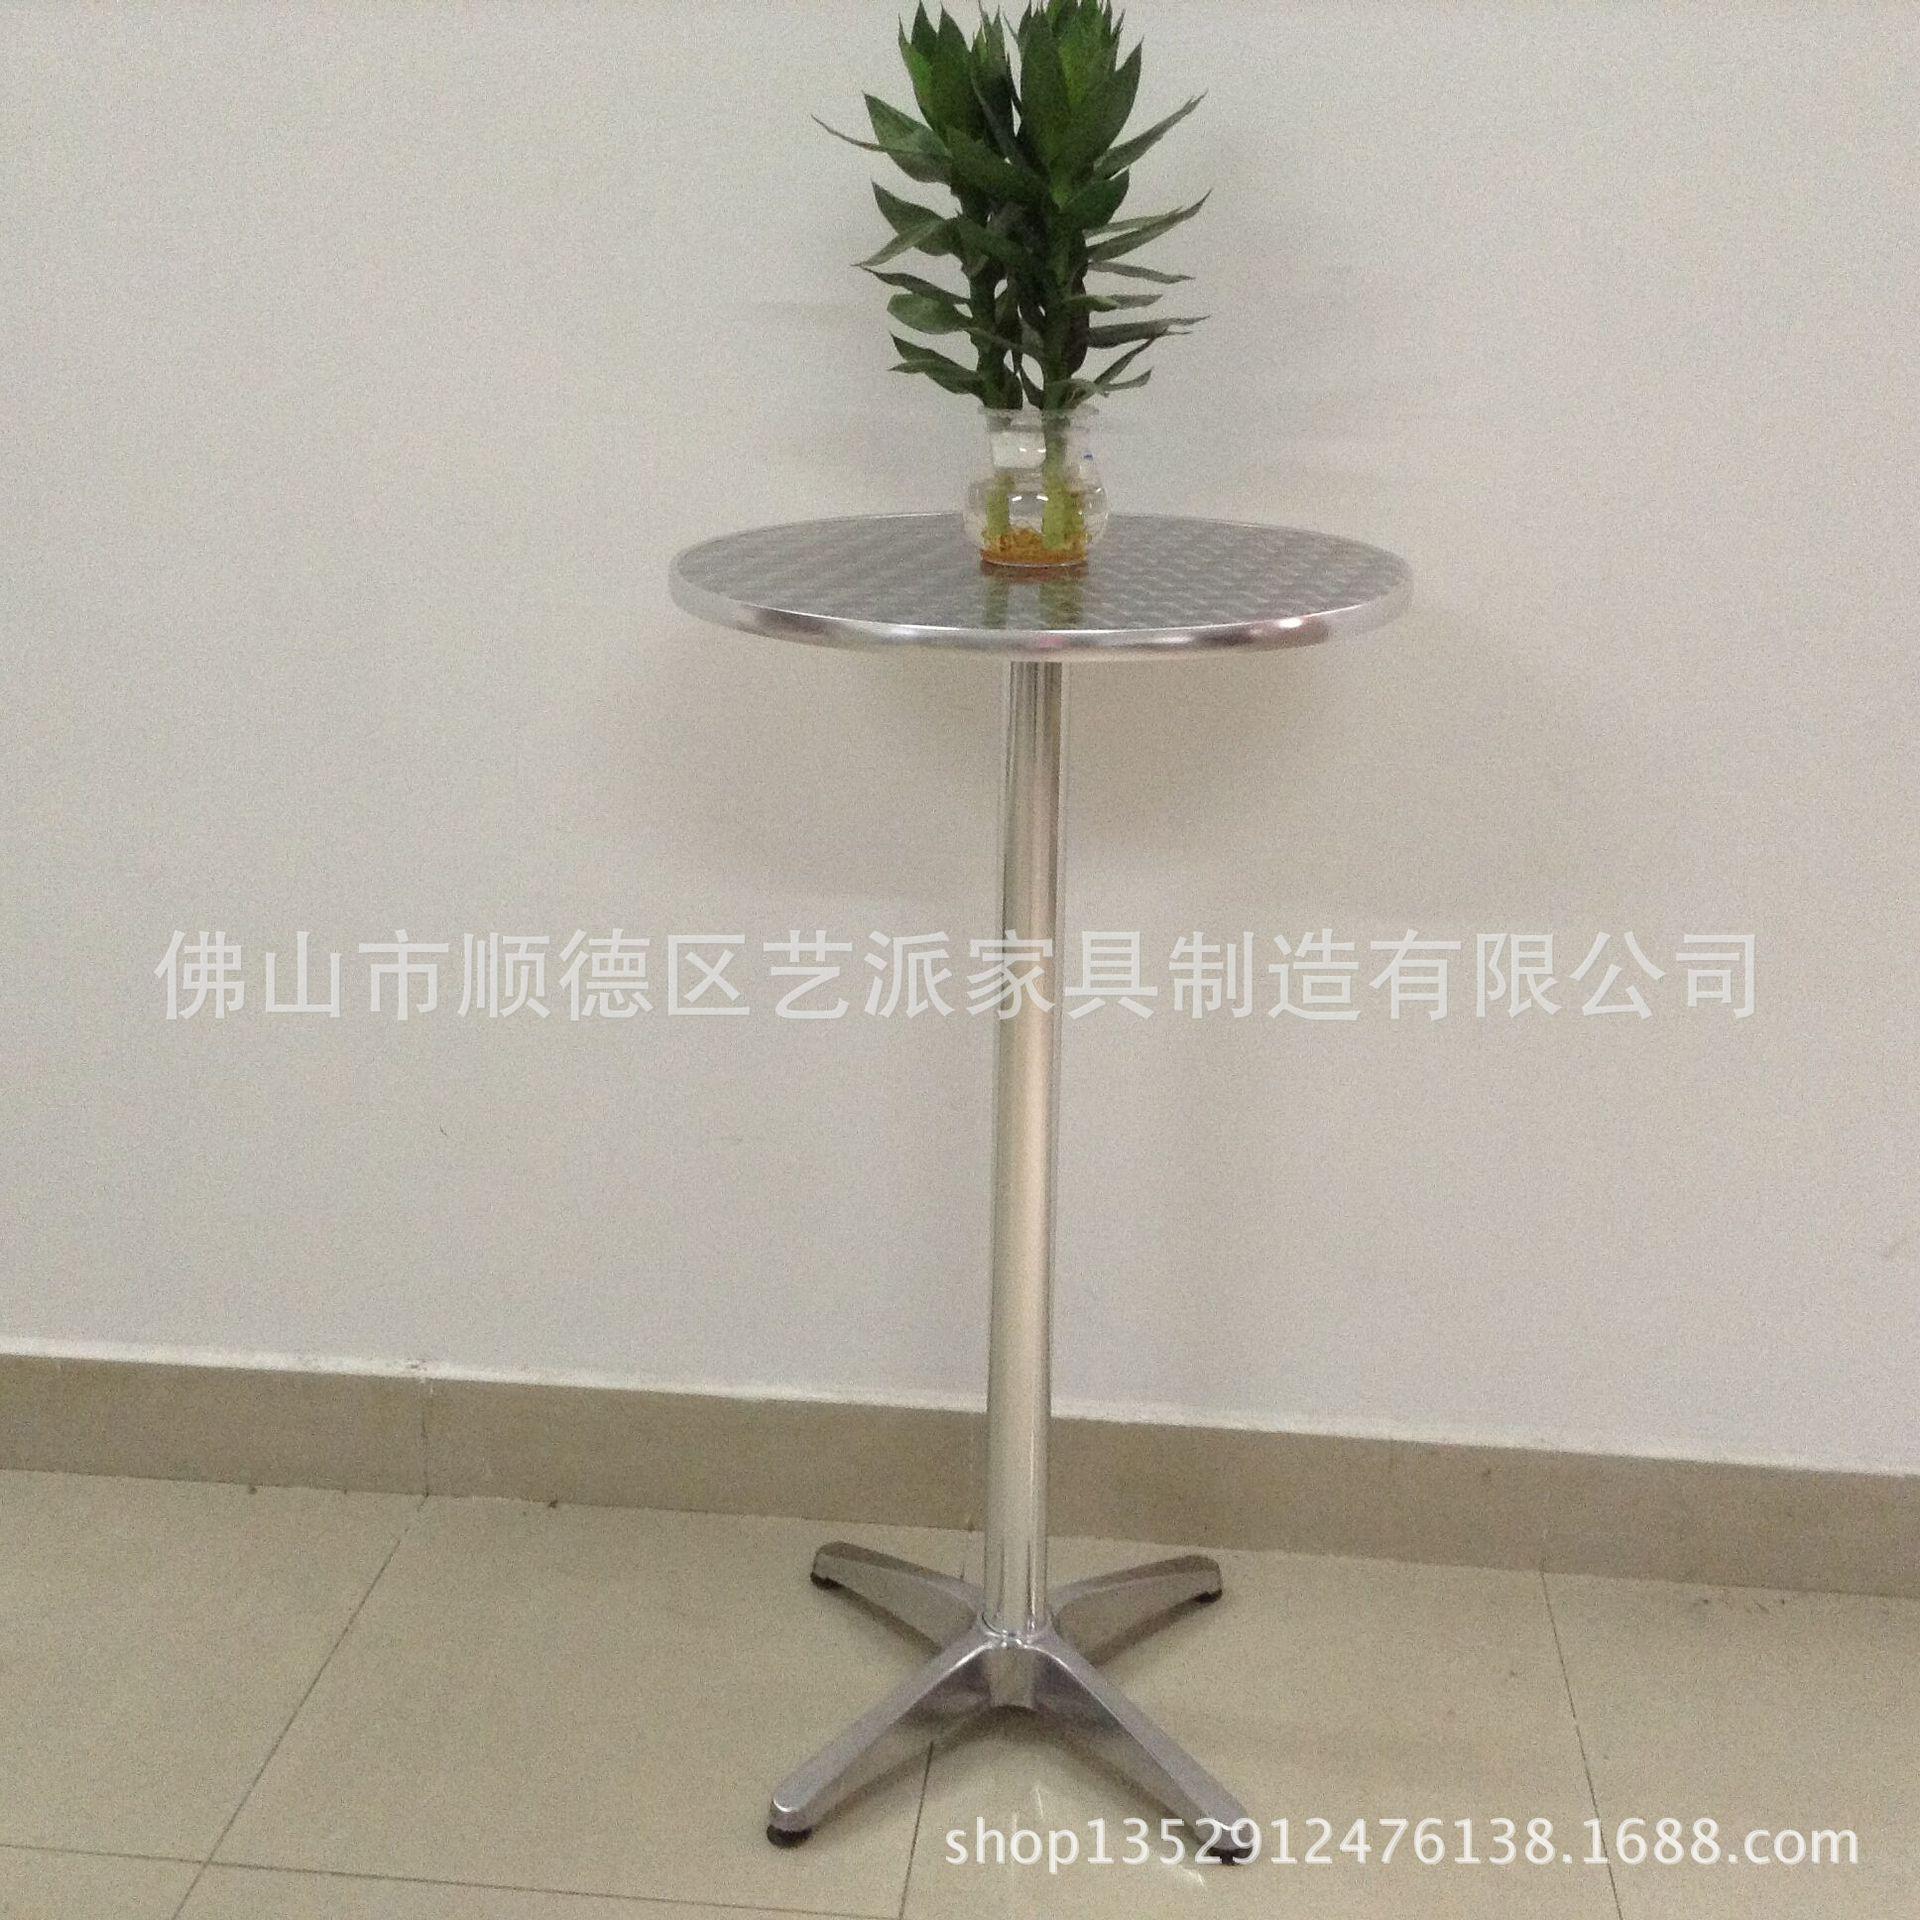 室内鸡尾酒桌  不锈钢面铝边圆吧台 酒会固定高脚桌 吧台h1